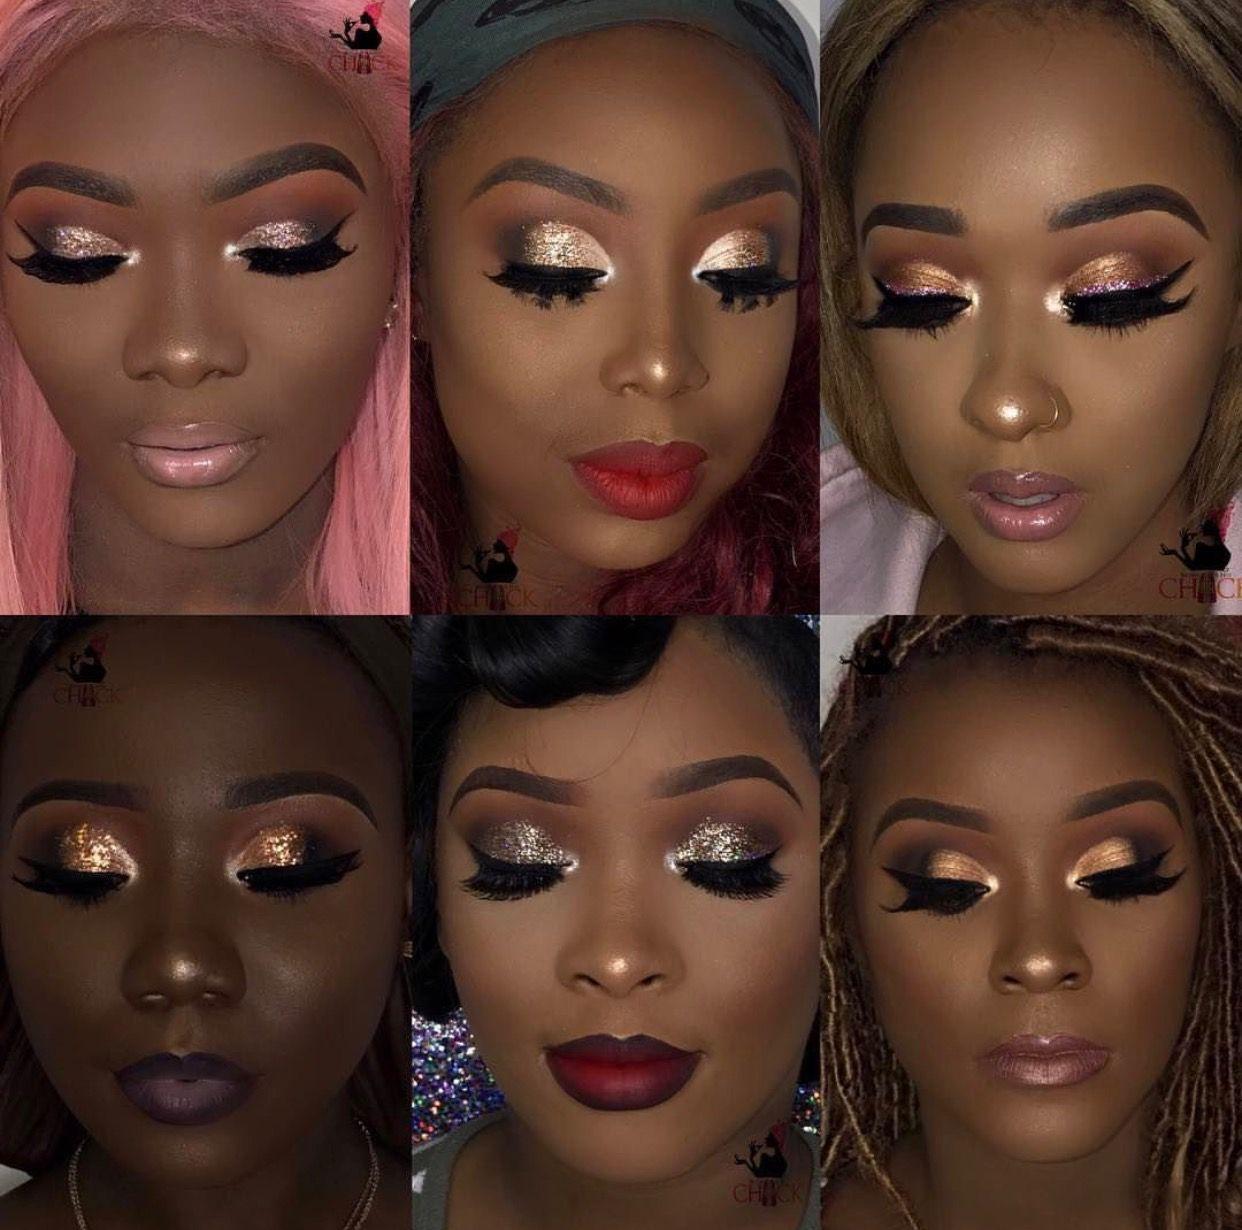 Makeup Gold Makeup Looks Rose Gold Makeup Looks Dark Skin Makeup